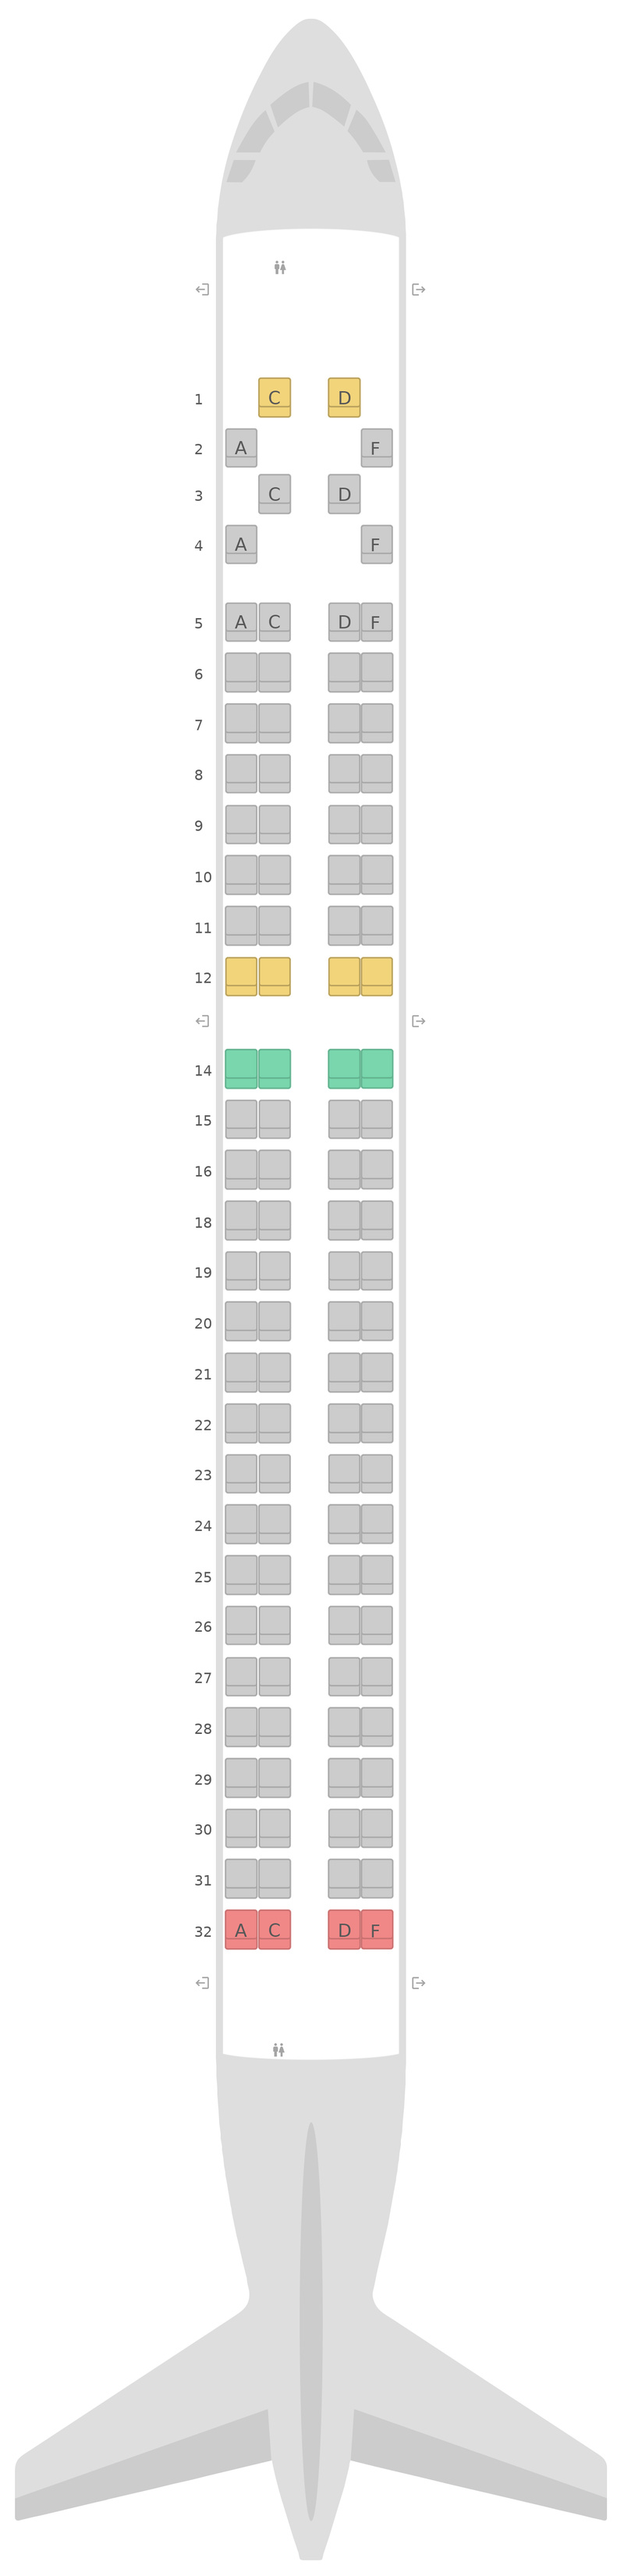 Mapa de asientos Embraer E195 Lufthansa